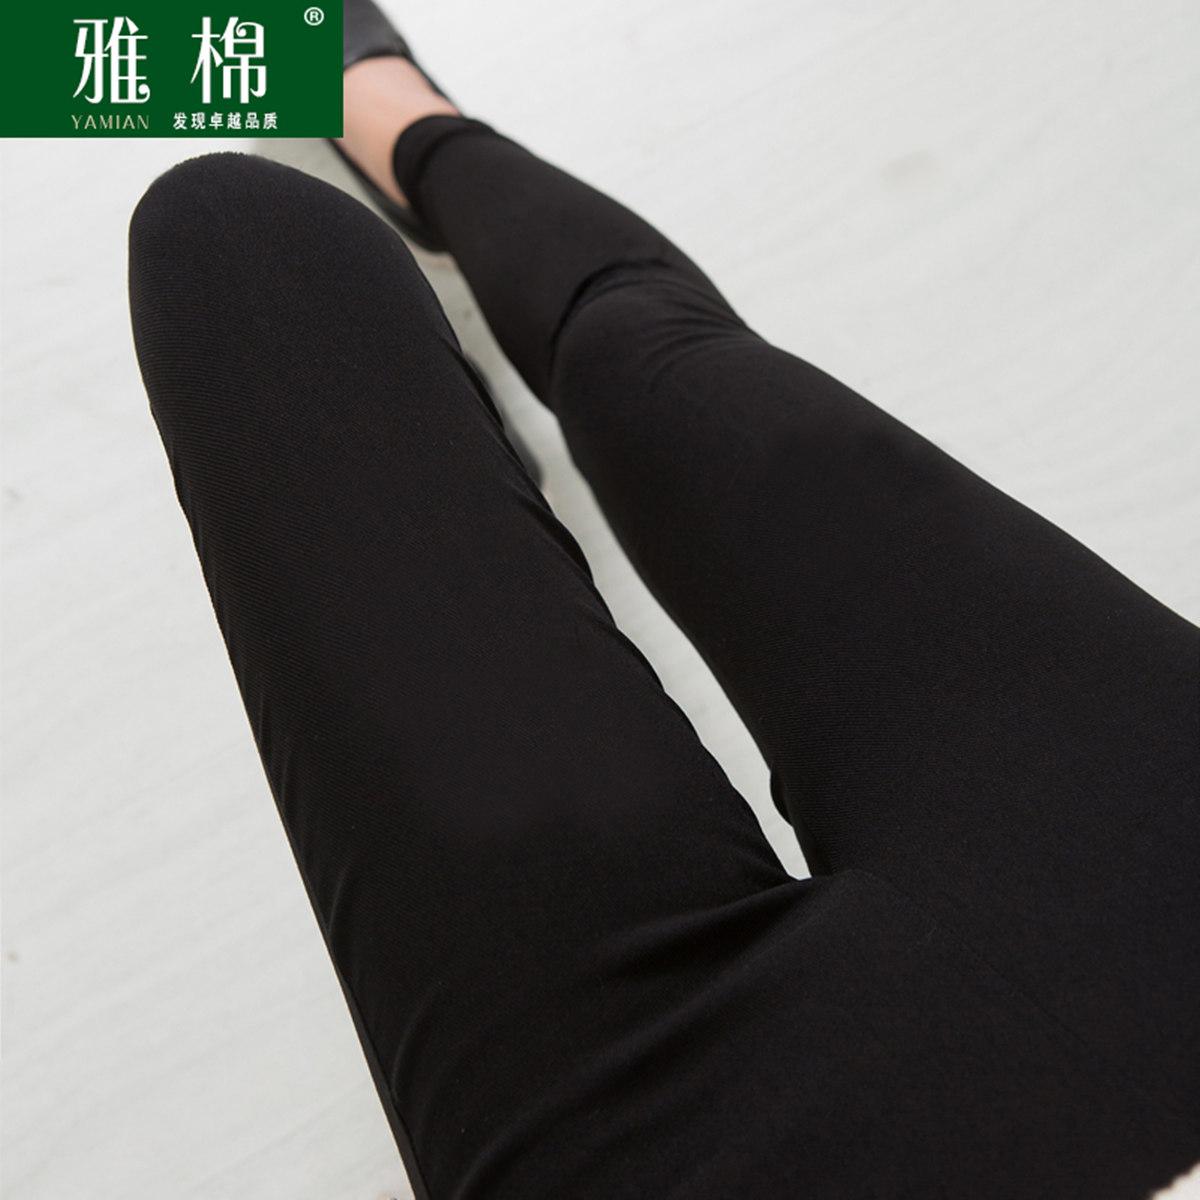 打底裤秋冬季2017新款韩版外穿小黑色九分小脚学生百搭显瘦女裤子